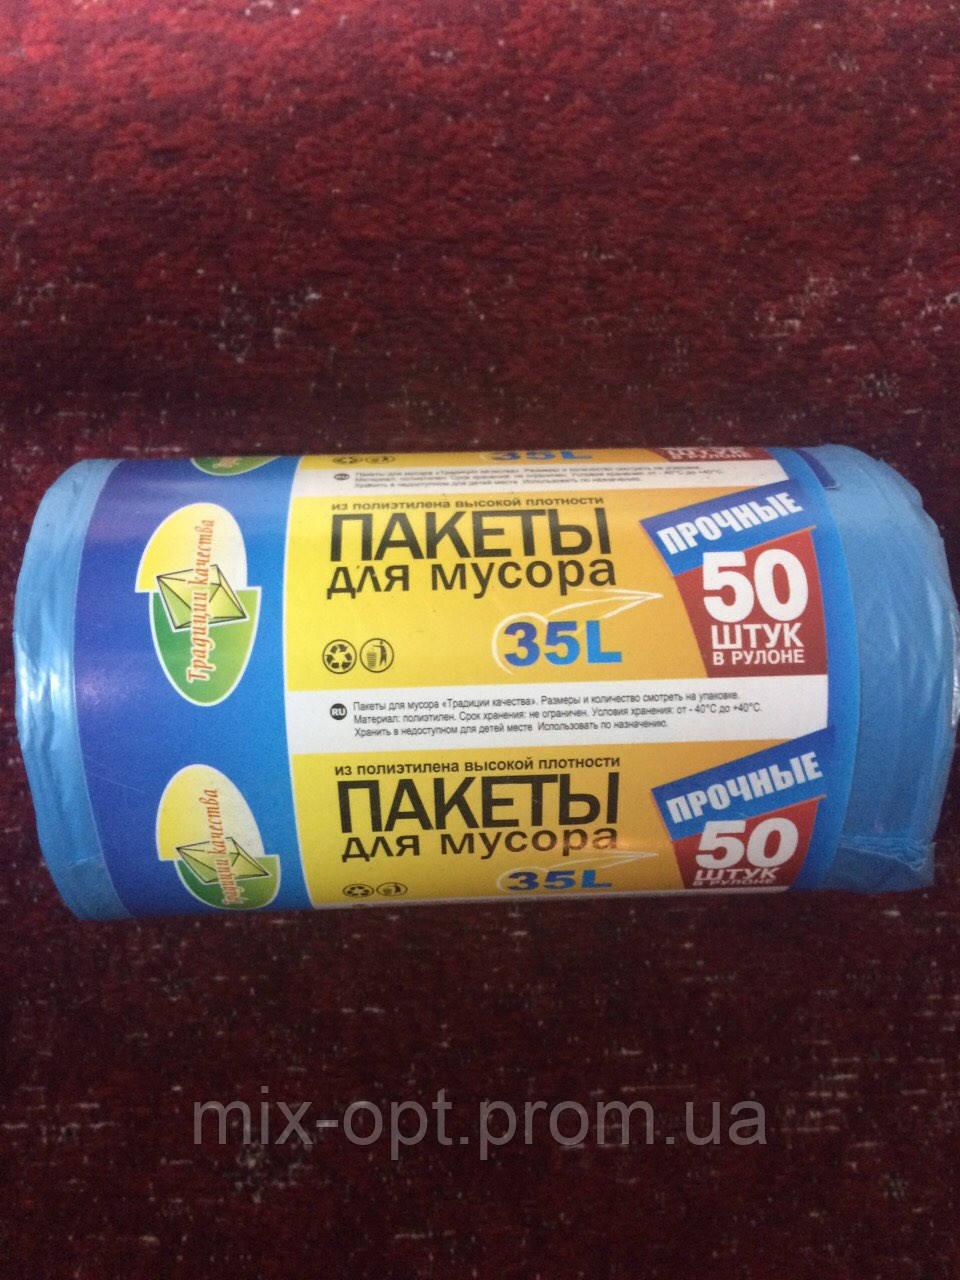 Мусорные пакеты Традиции качества 35 л./50 шт./рул.